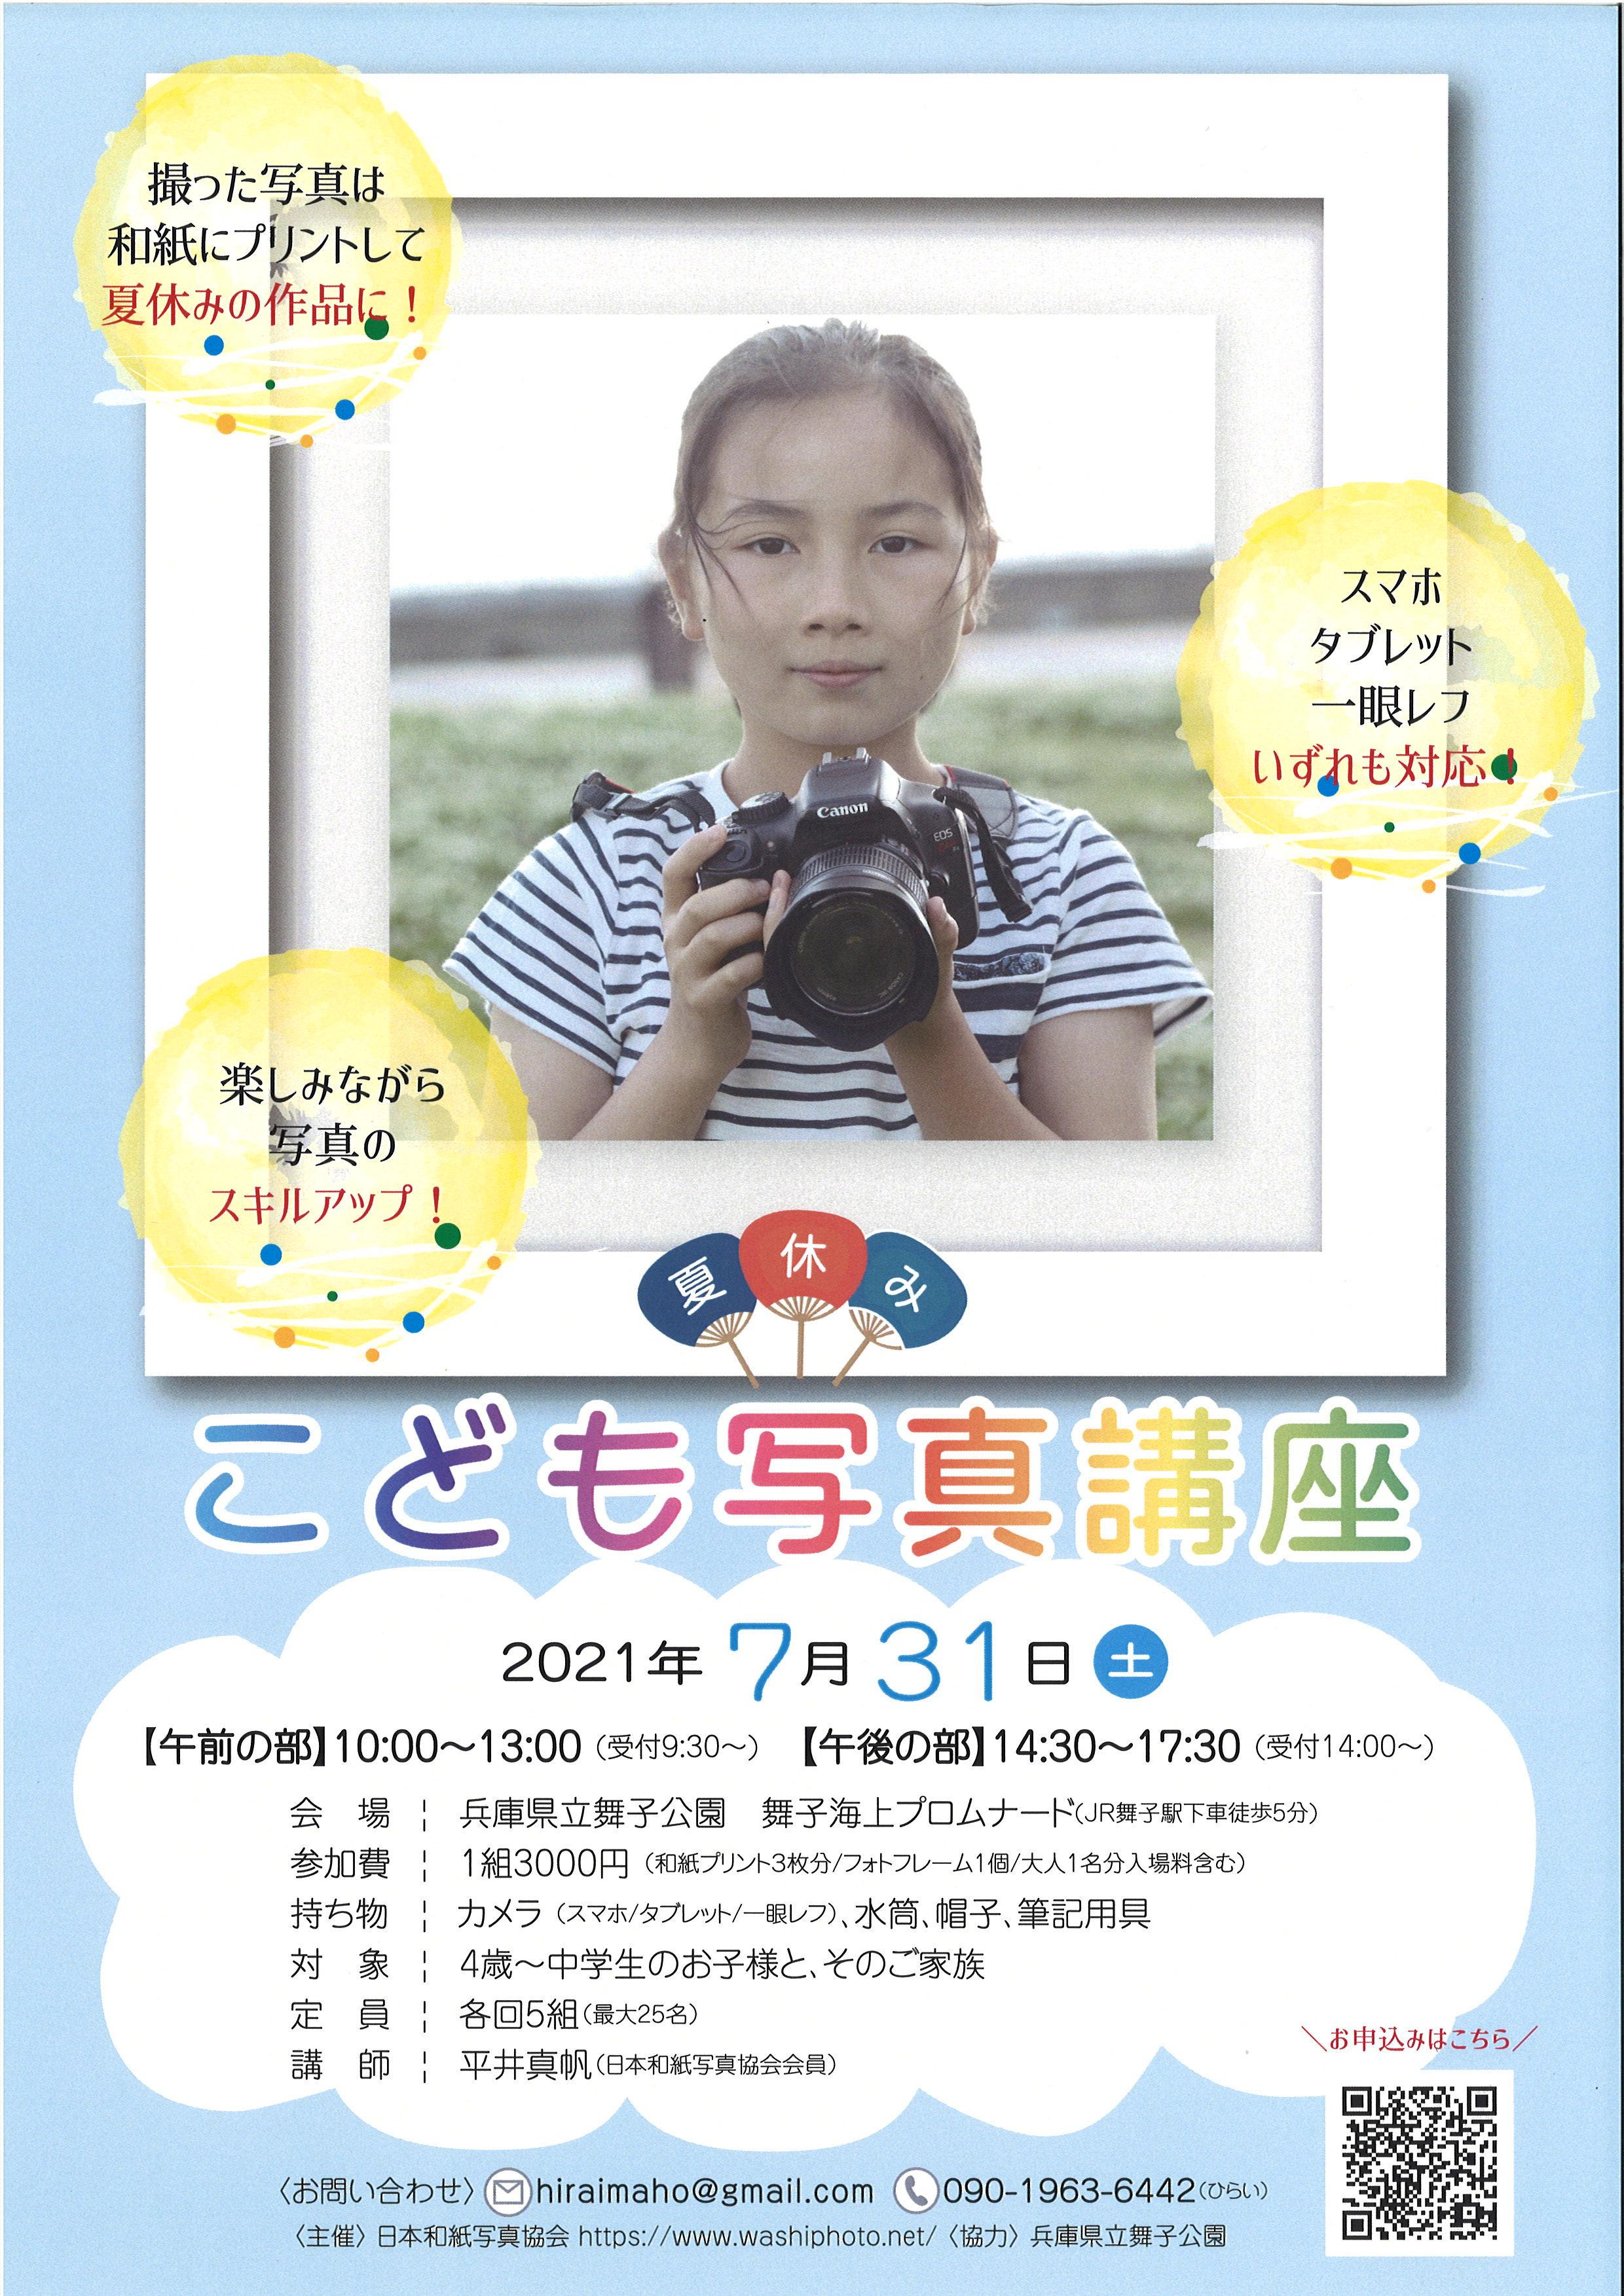 7月31日(土) 夏休み こども写真講座のアイキャッチ